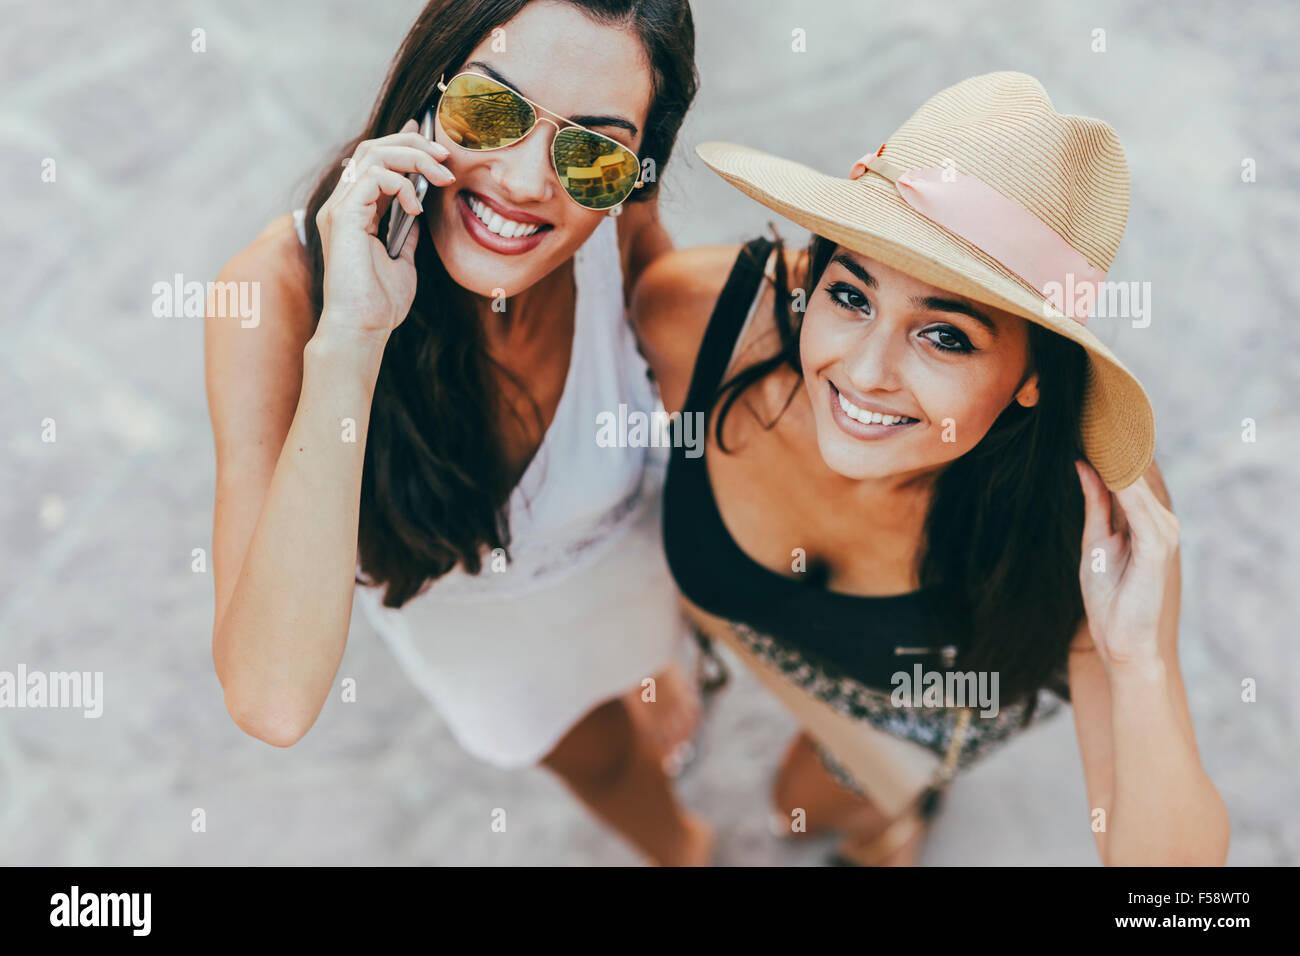 Retrato de dos hermosas chicas en ropa de verano sonriendo y hablando por teléfono Imagen De Stock